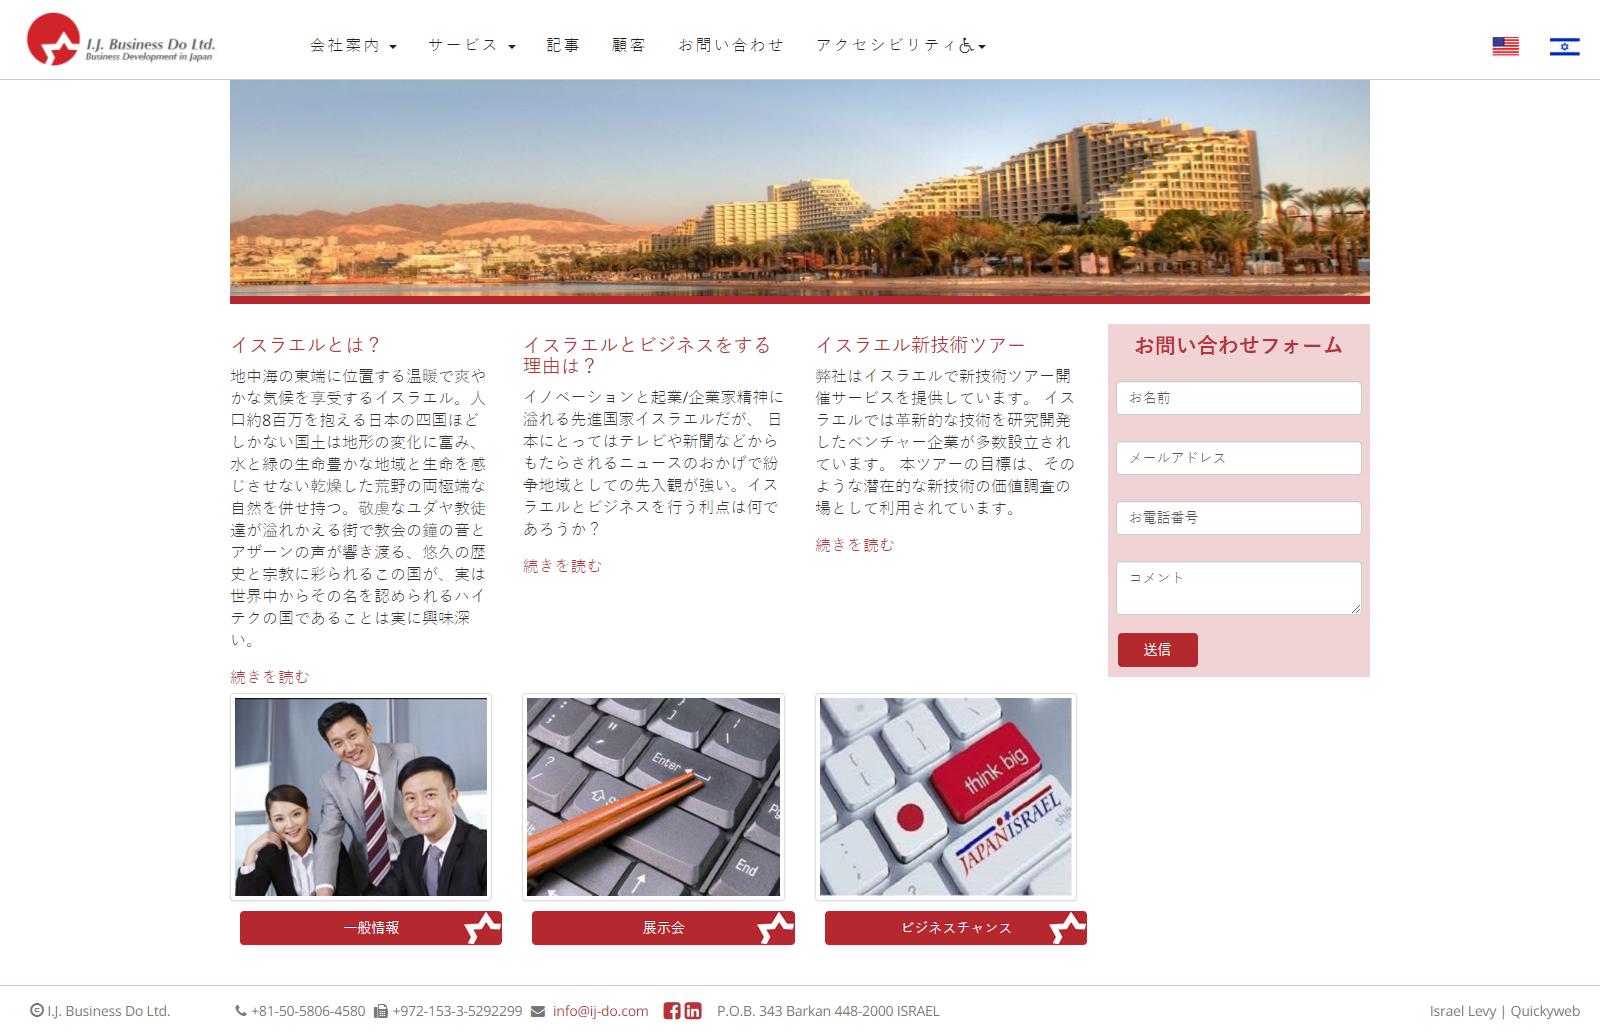 IJ-DO - Strengthening Israel-Japan relations - Japanese